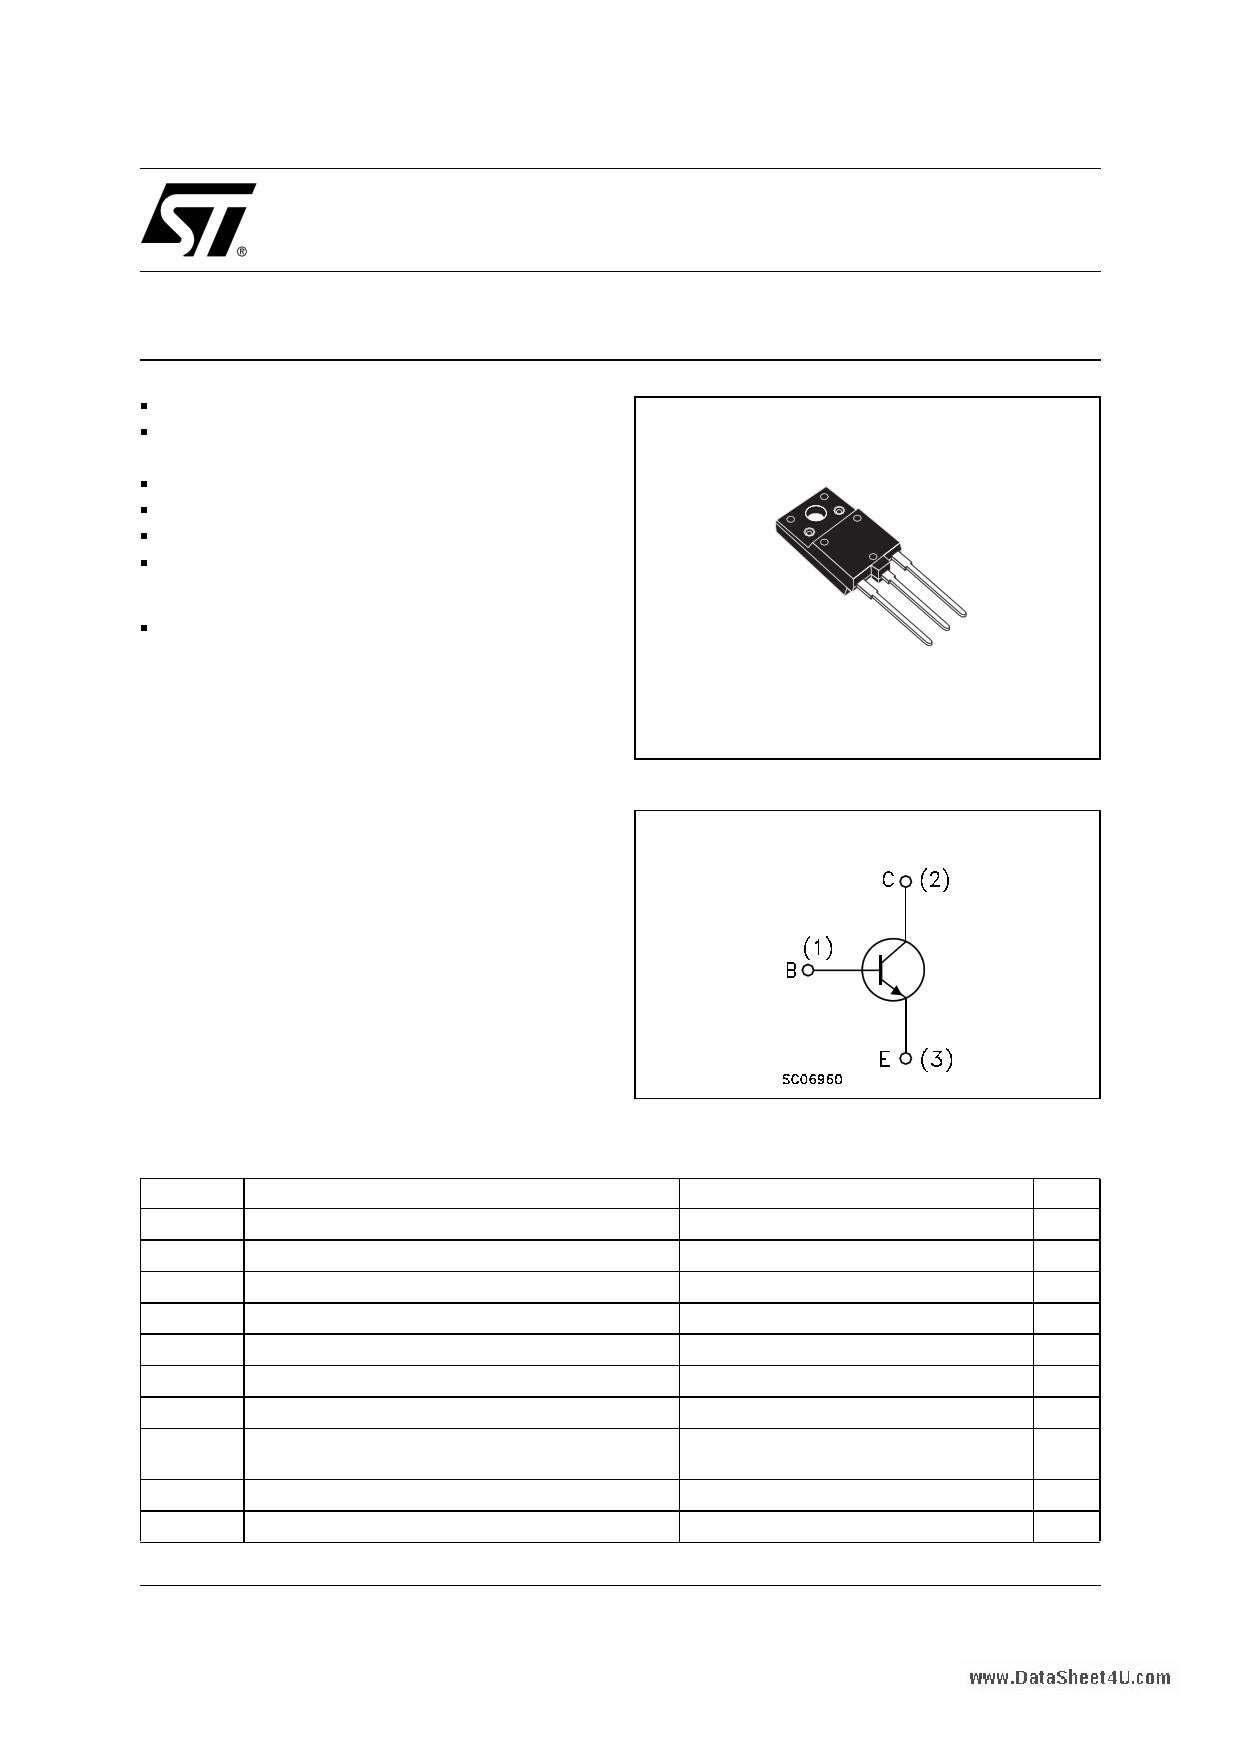 2001FX datasheet image